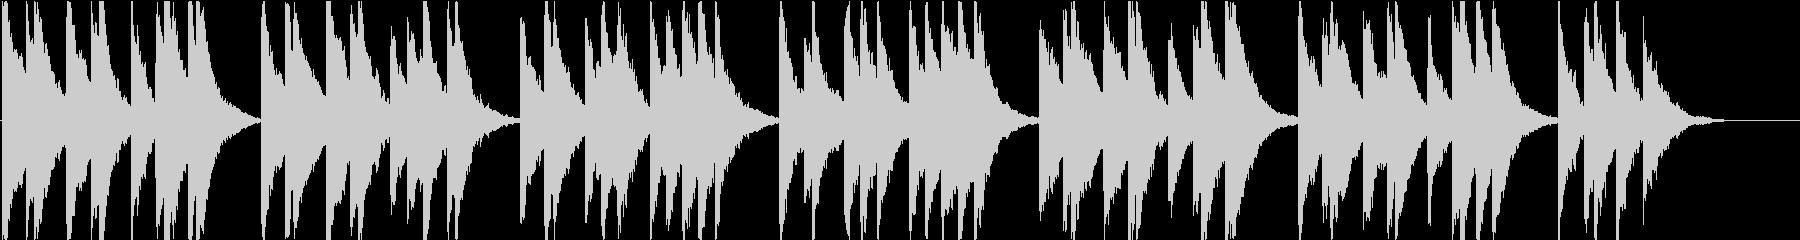 時報・チャイム風の名曲のメロディ・2の未再生の波形